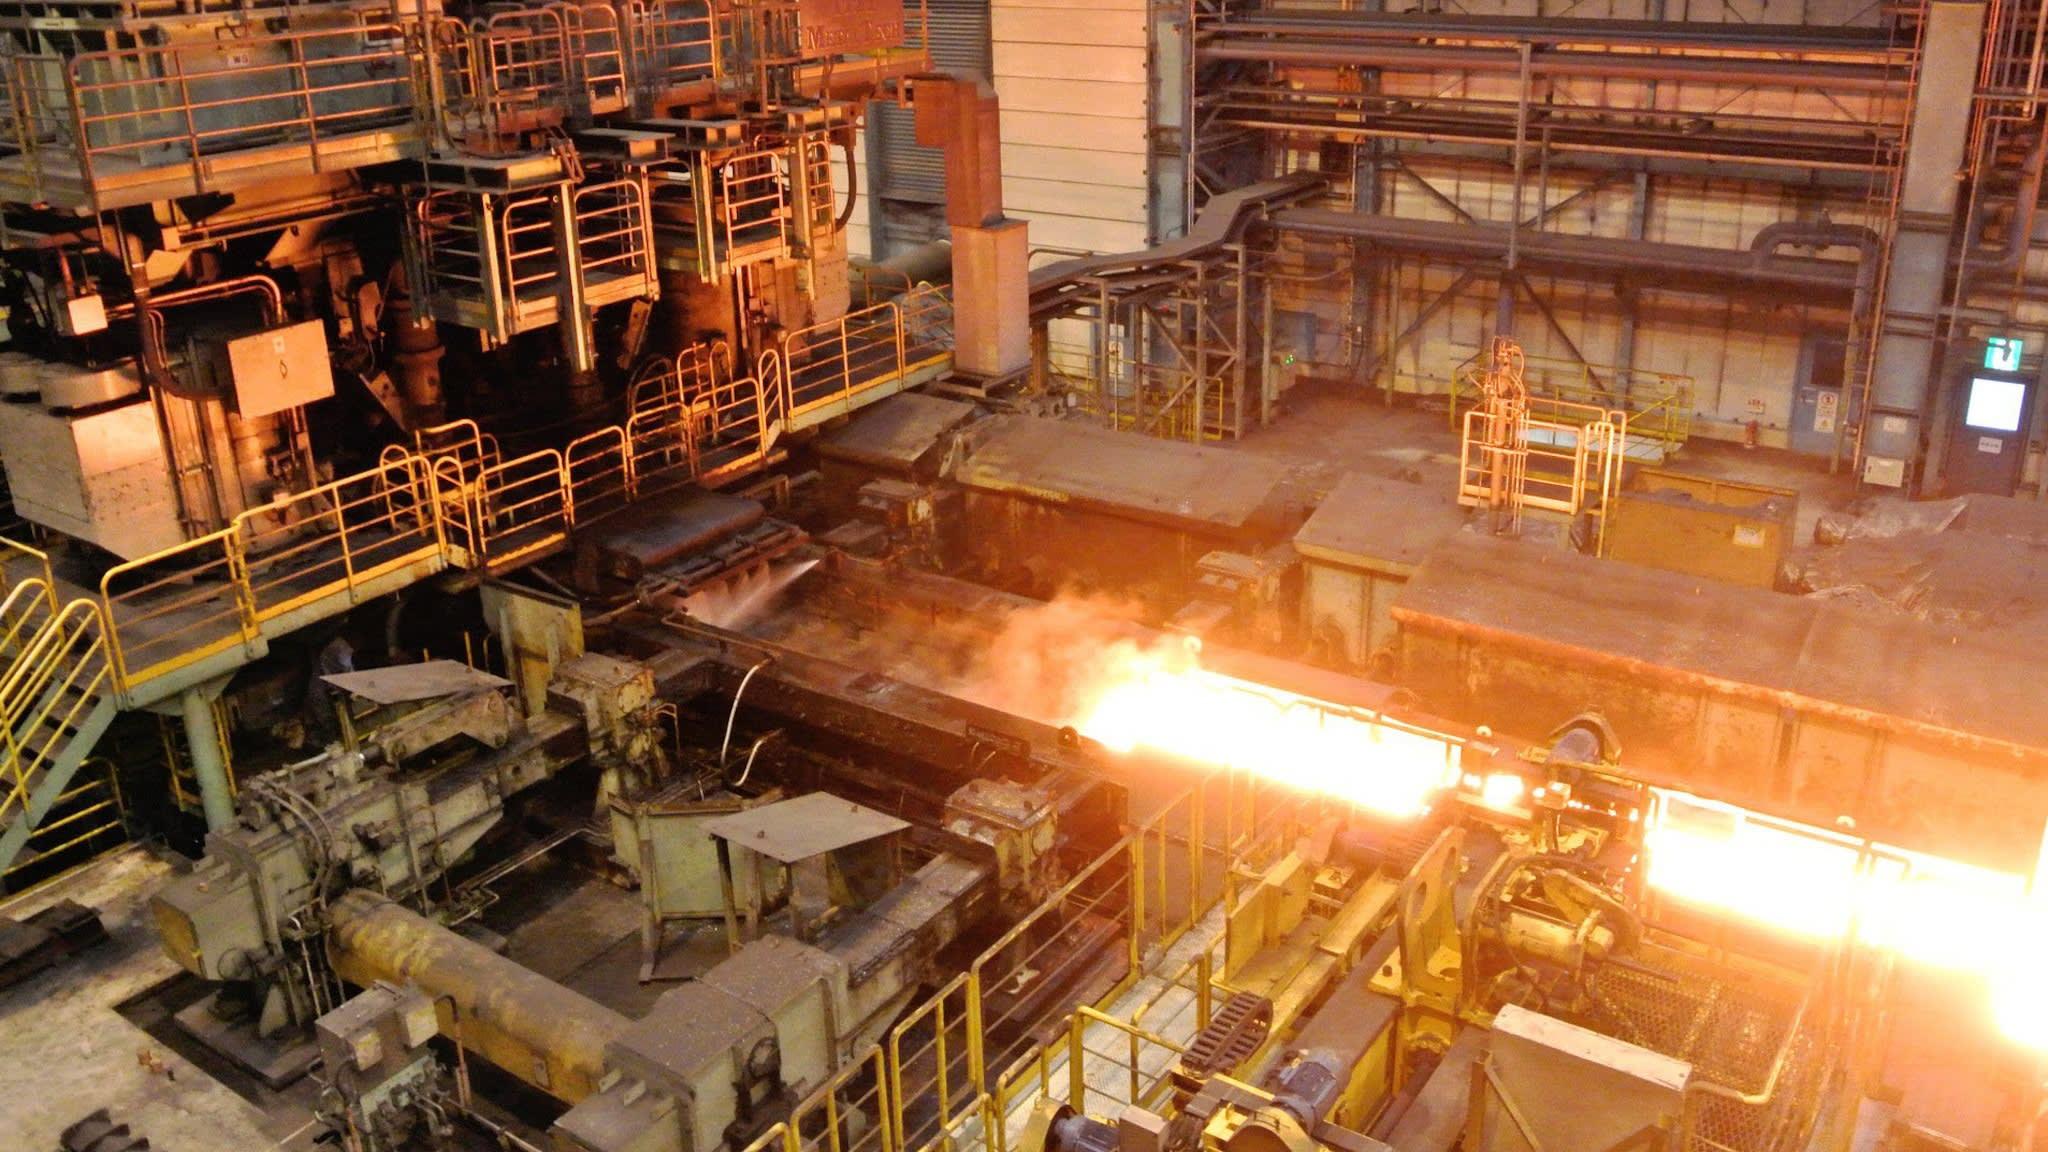 Xuất khẩu thép từ Nhật Bản tái khởi động khi nhu cầu tại Trung Quốc tăng cao - Ảnh 1.